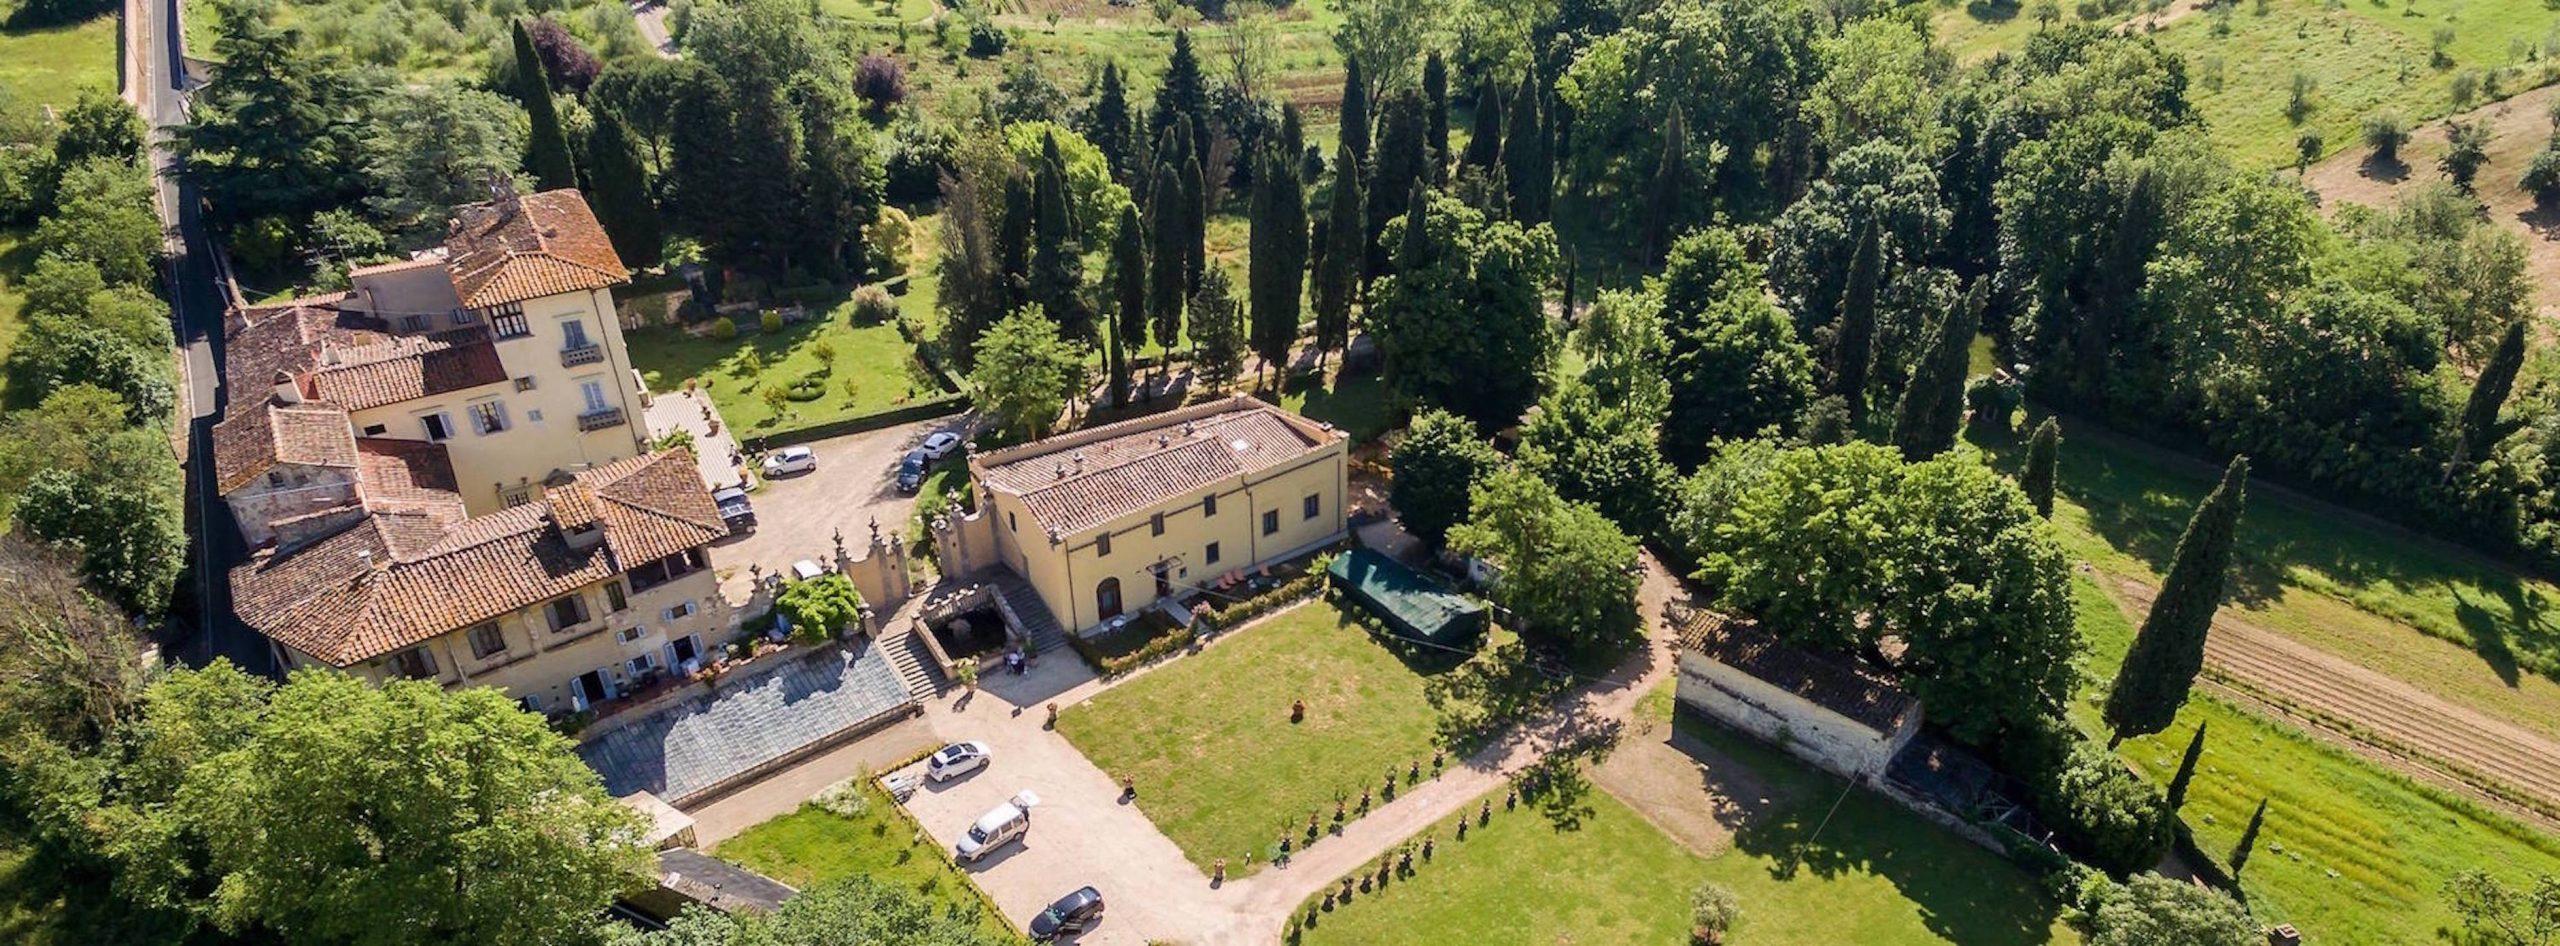 Esterno Villa Monteverdi